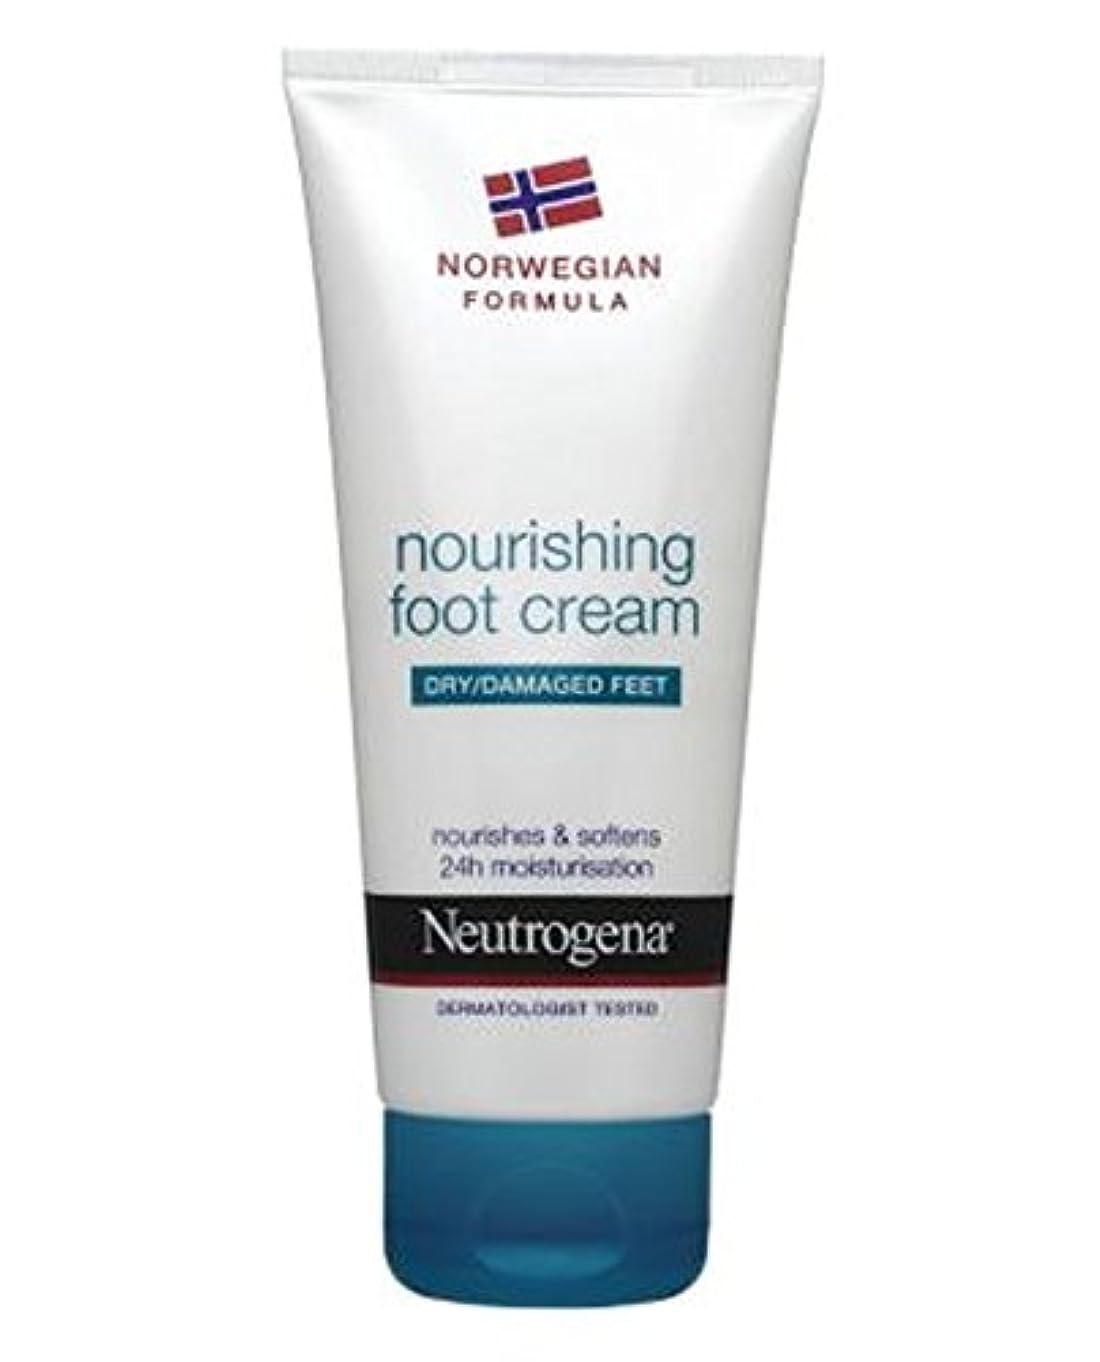 白鳥ディプロマ漏斗Neutrogena Norwegian Formula Nourishing Foot Cream For Dry Or Damaged Feet 100ml - 100ミリリットル乾燥または損傷した足のためのニュートロジーナノルウェー...